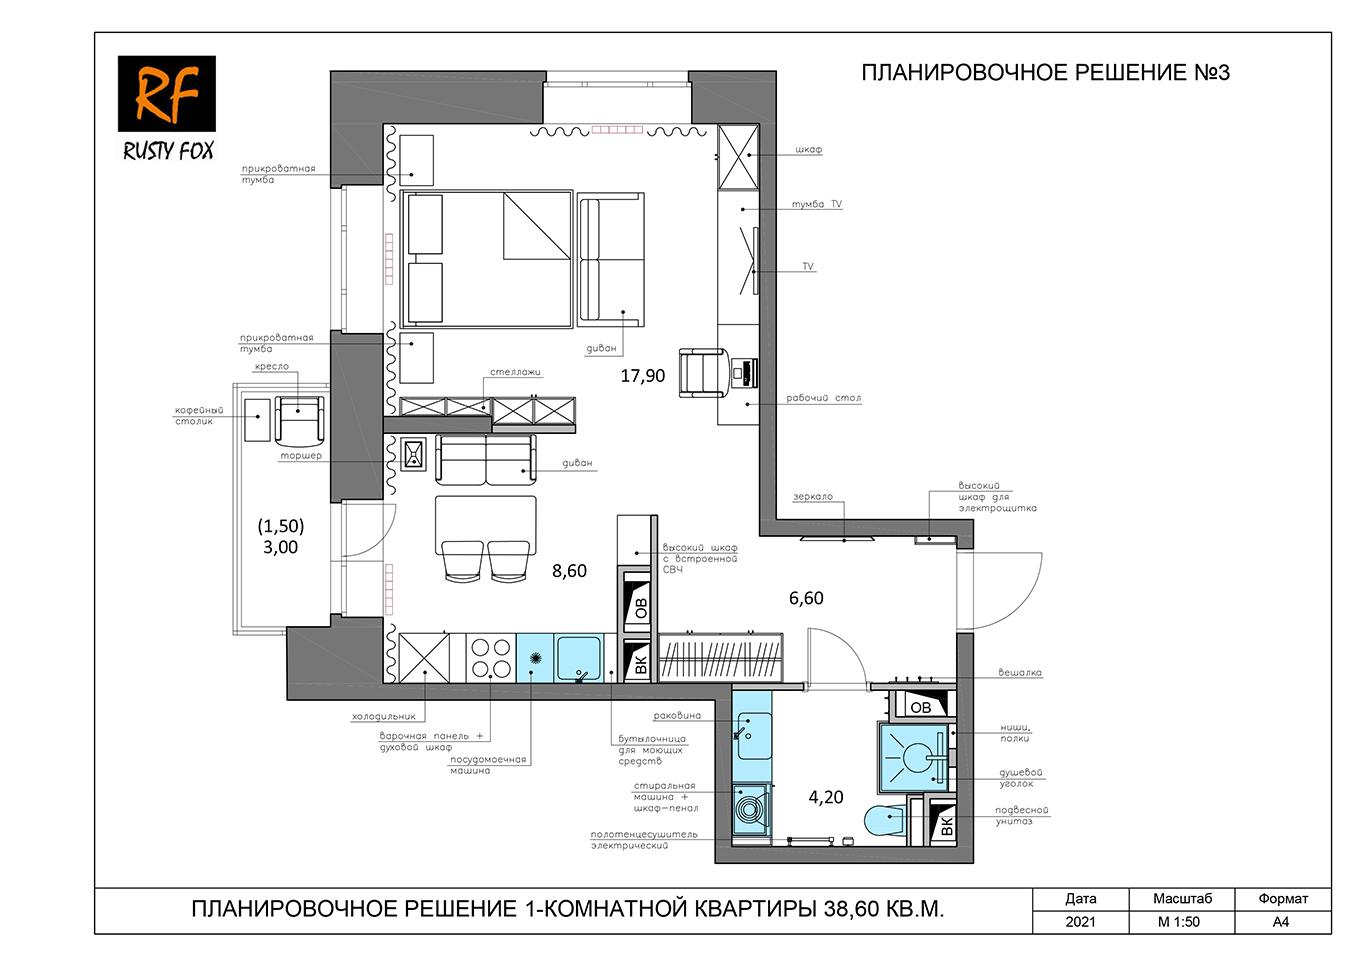 ЖК Люберцы корпус 54. Планировочное решение №3 1-комнотная квартира 38,60 кв.м.